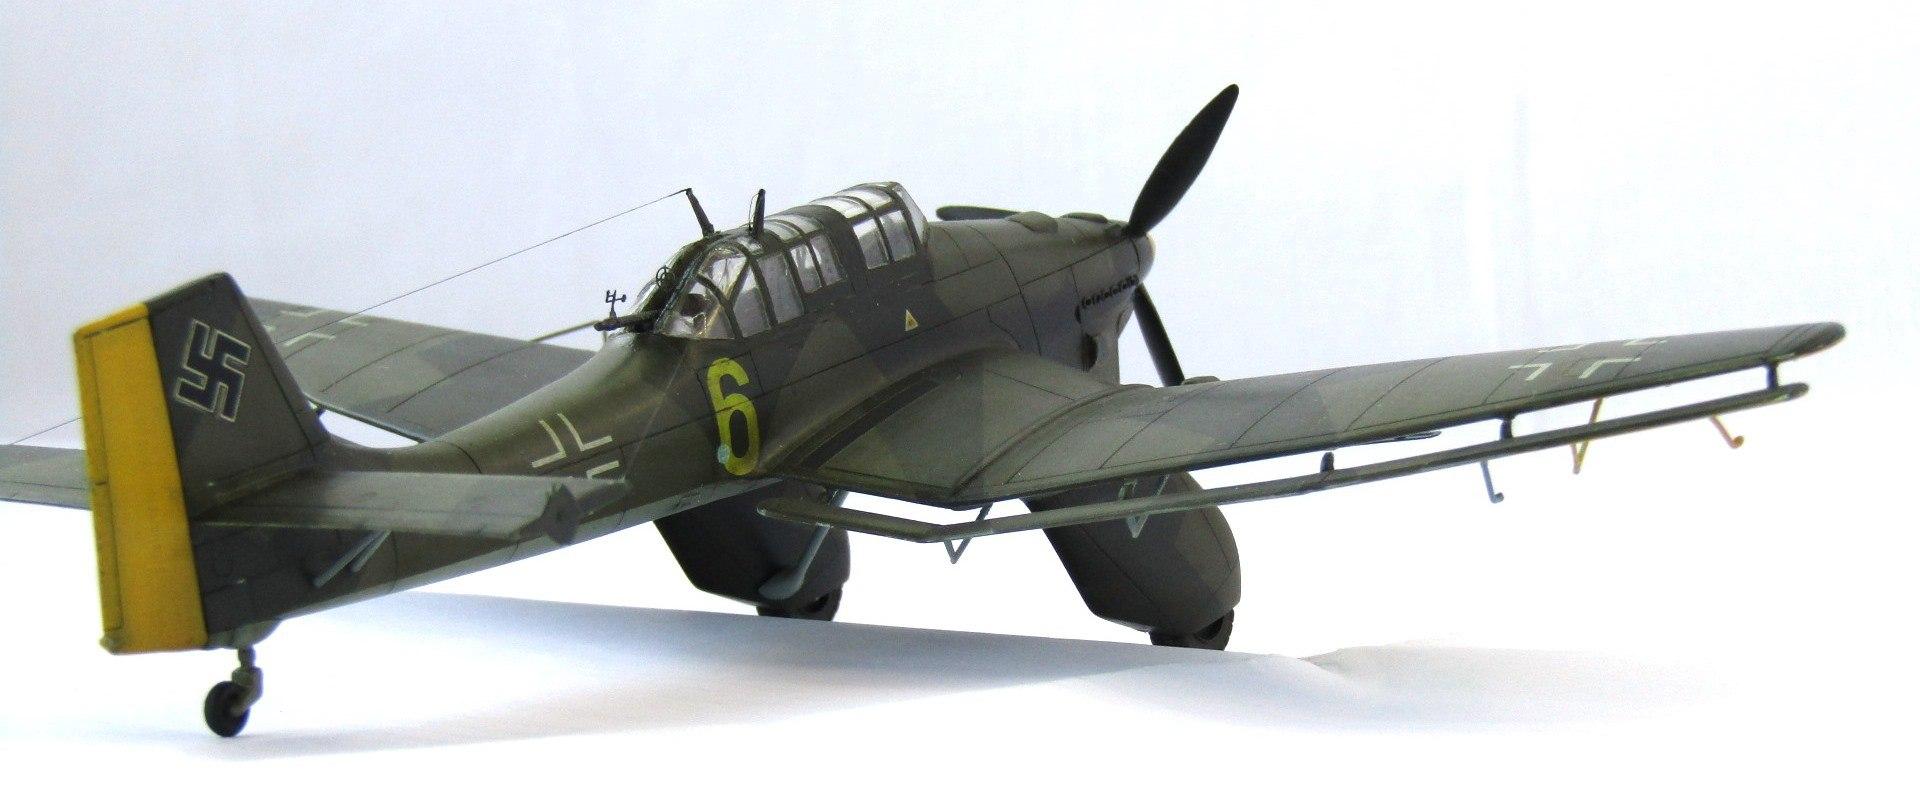 Ju-87A 1/72 (Special Hobby) 1JUit7vs1-o